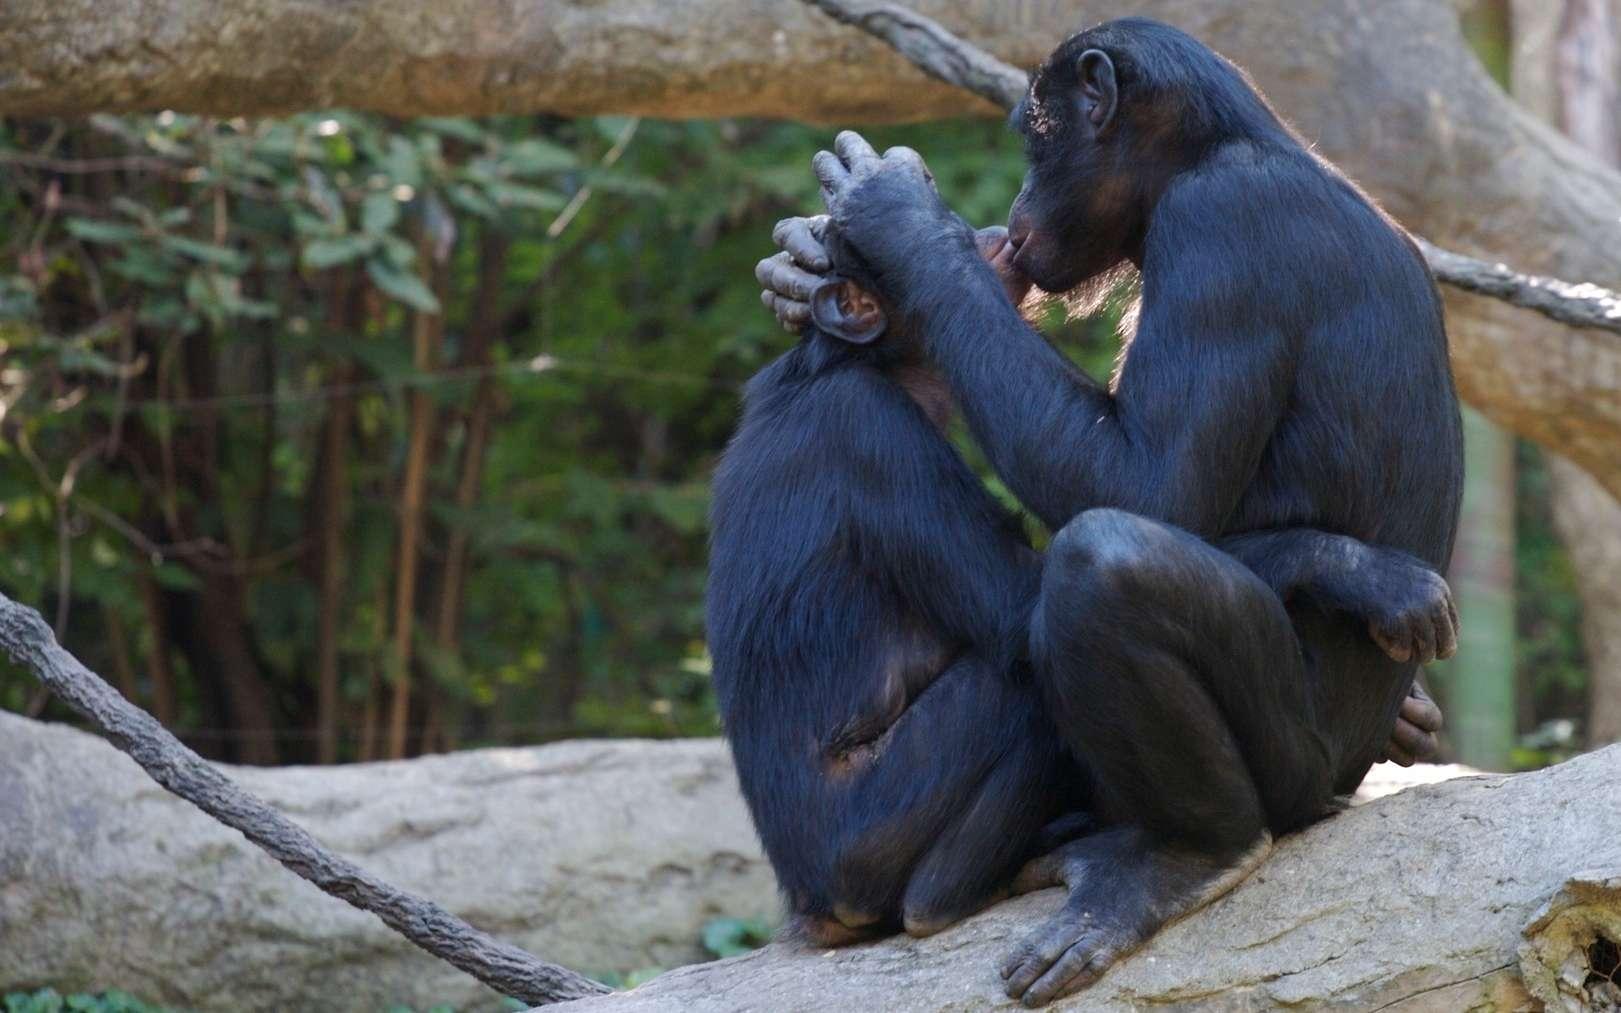 Les bonobos sont bien connus pour gérer de nombreux aspects de leur vie sociale par le sexe. Ainsi, ils n'hésitent pas à se faire l'amour pour éviter de se faire la guerre. Ils le font d'ailleurs dans de nombreuses positions. © collisionality, Fotopédia, cc by nc nd 2.0